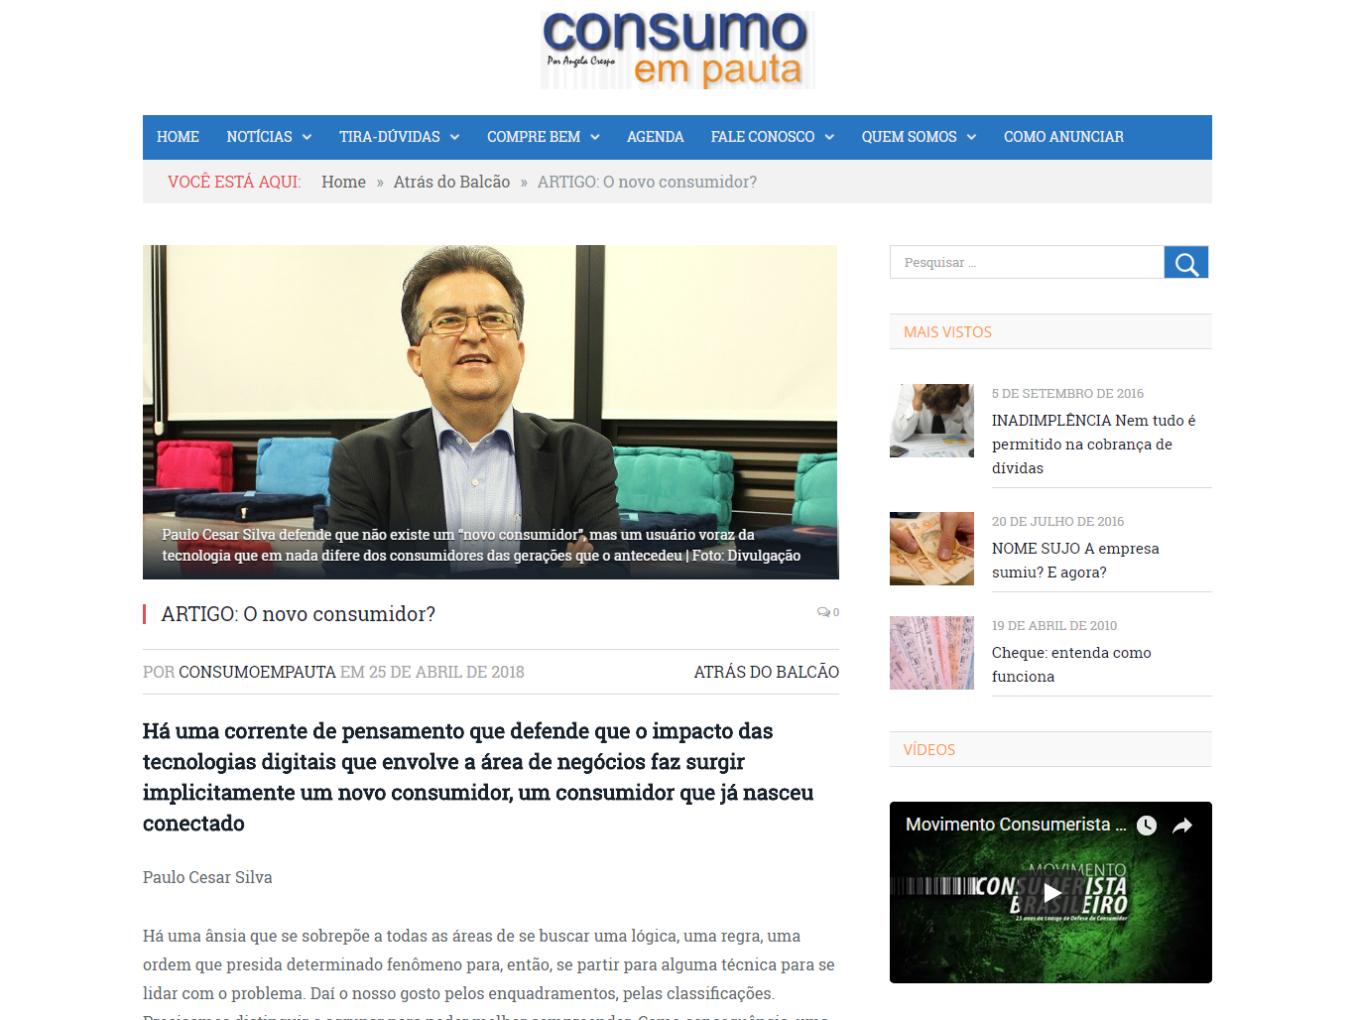 Consumo em Pauta: Artigo O novo Consumidor?